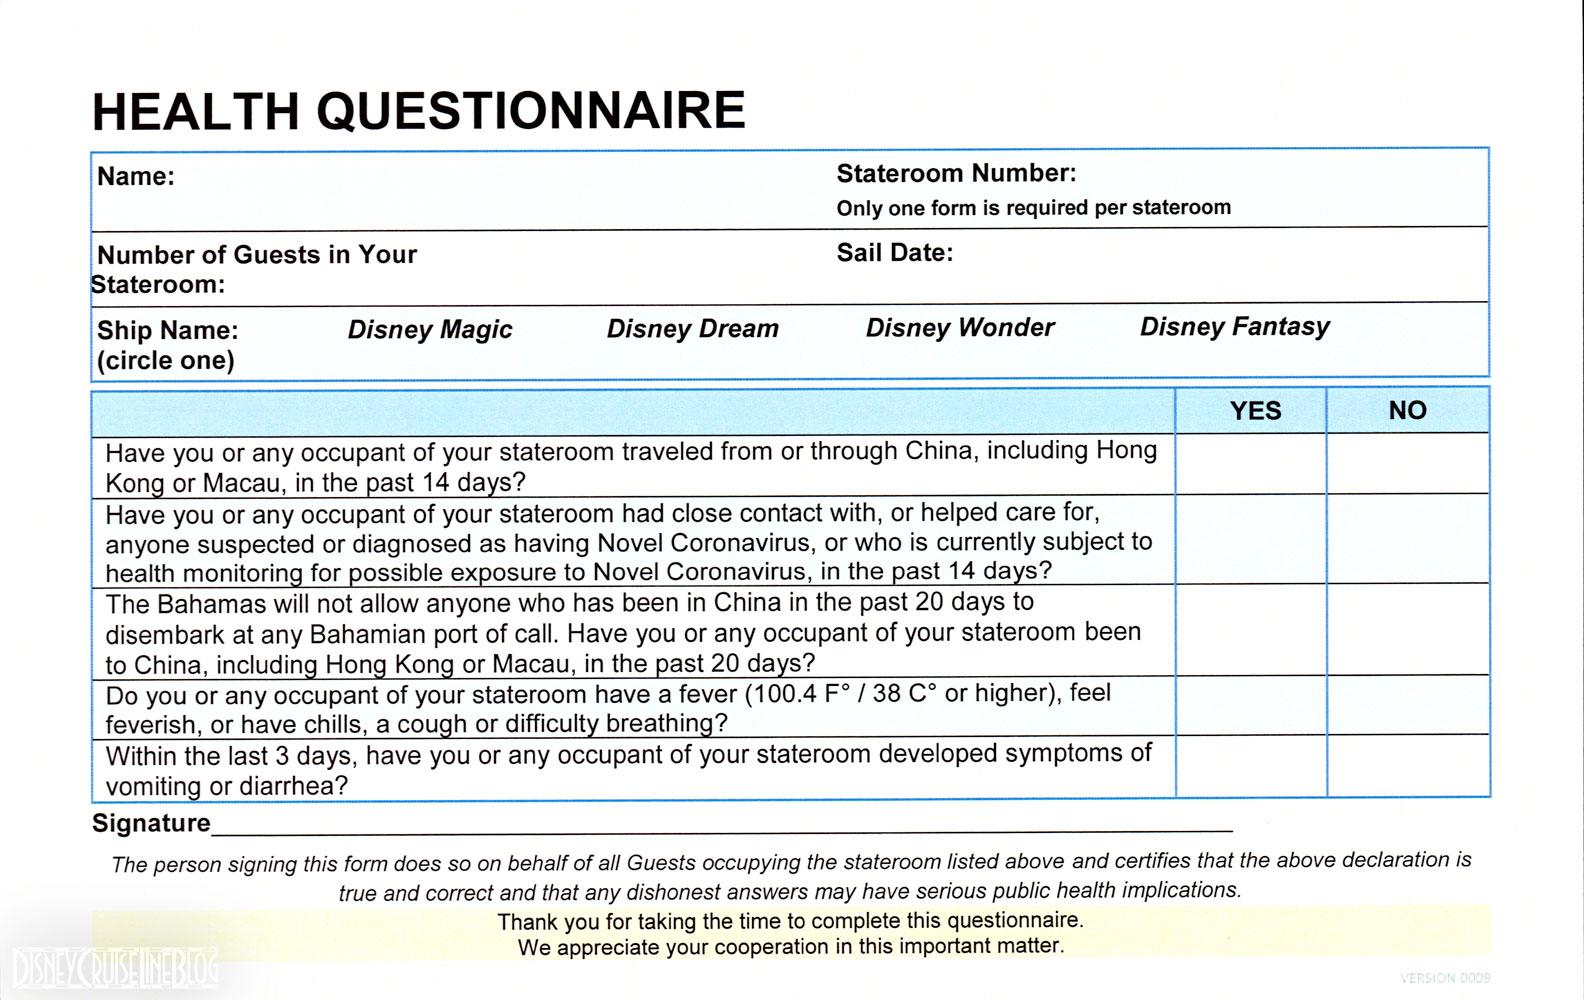 DCL Health Questionnaire Version 0009 20200220